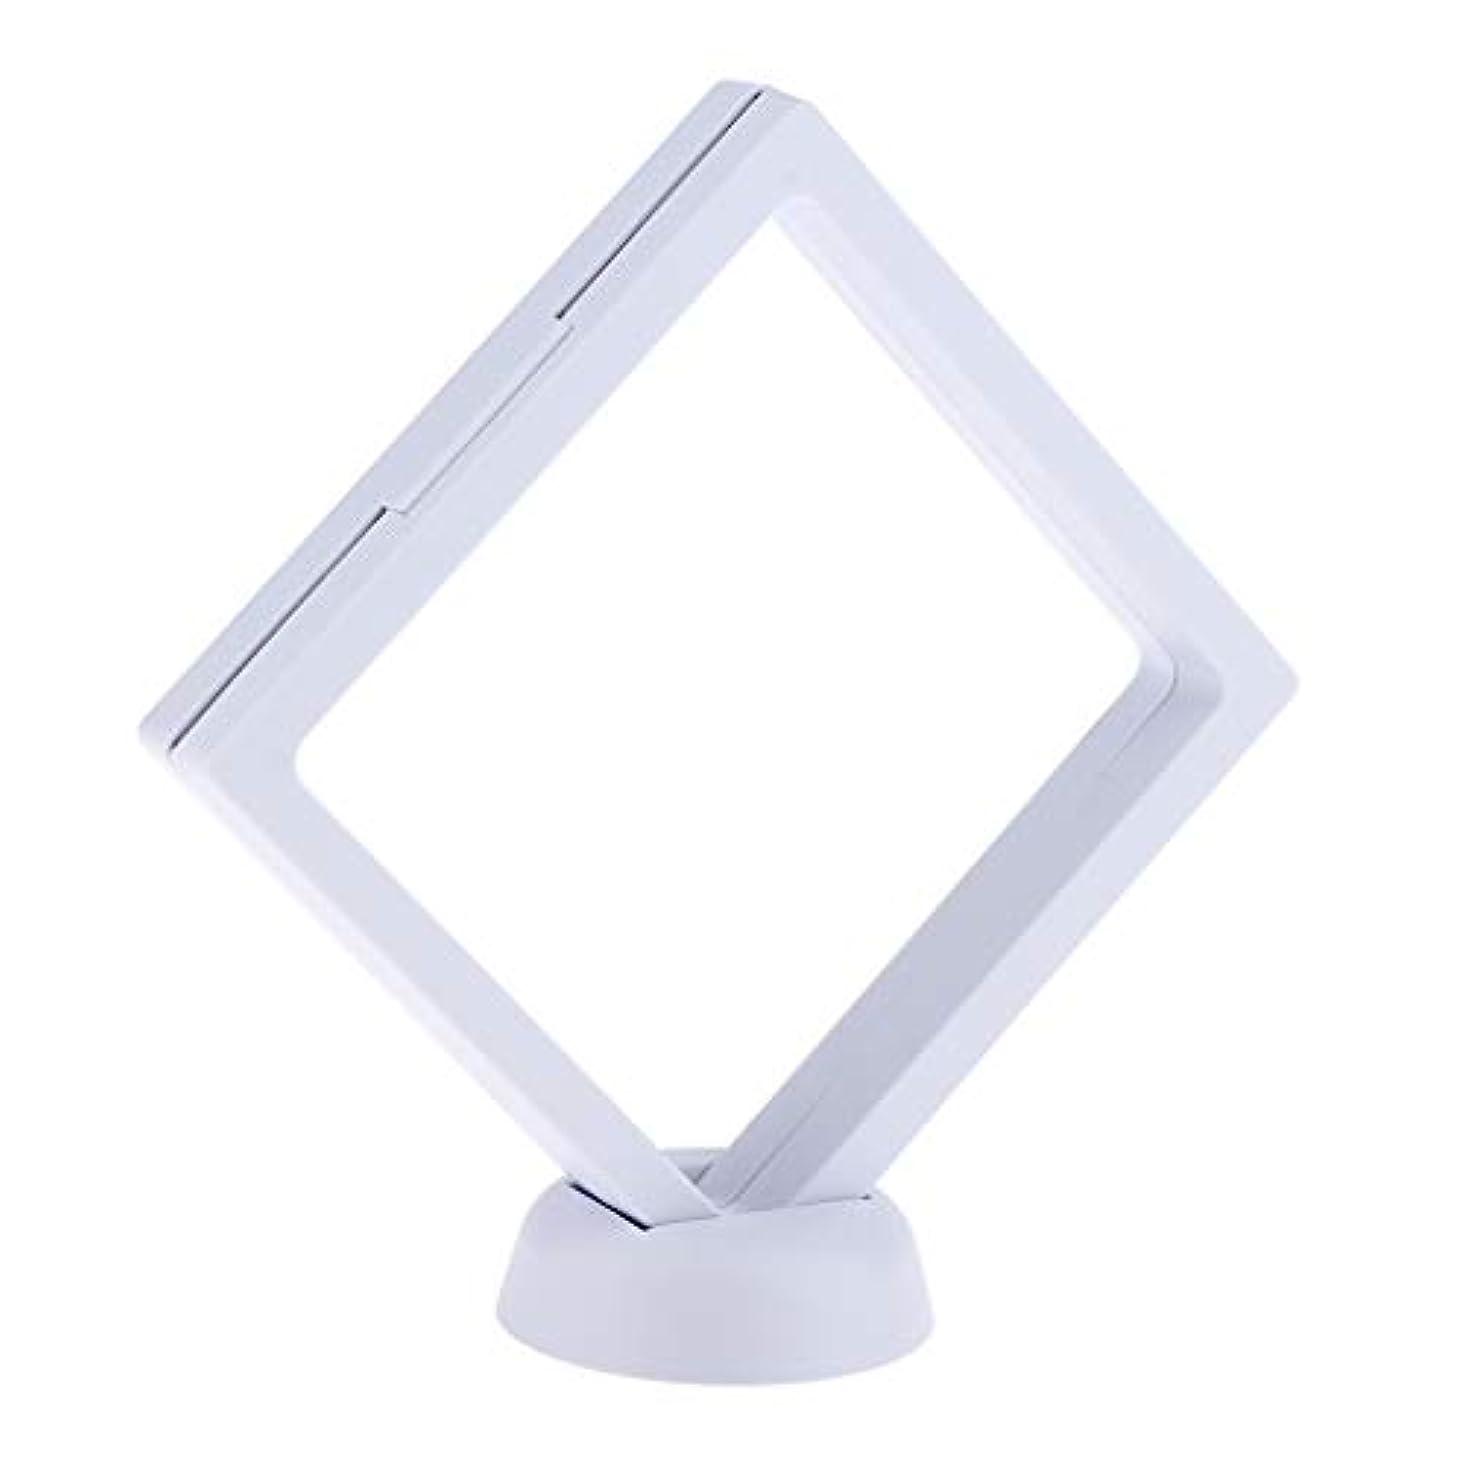 テキスト販売計画語B Baosity ネイルアート 展示用 ボード ネイルサロン ネイルヒント ディスプレイスタンド 2色選べ - 白